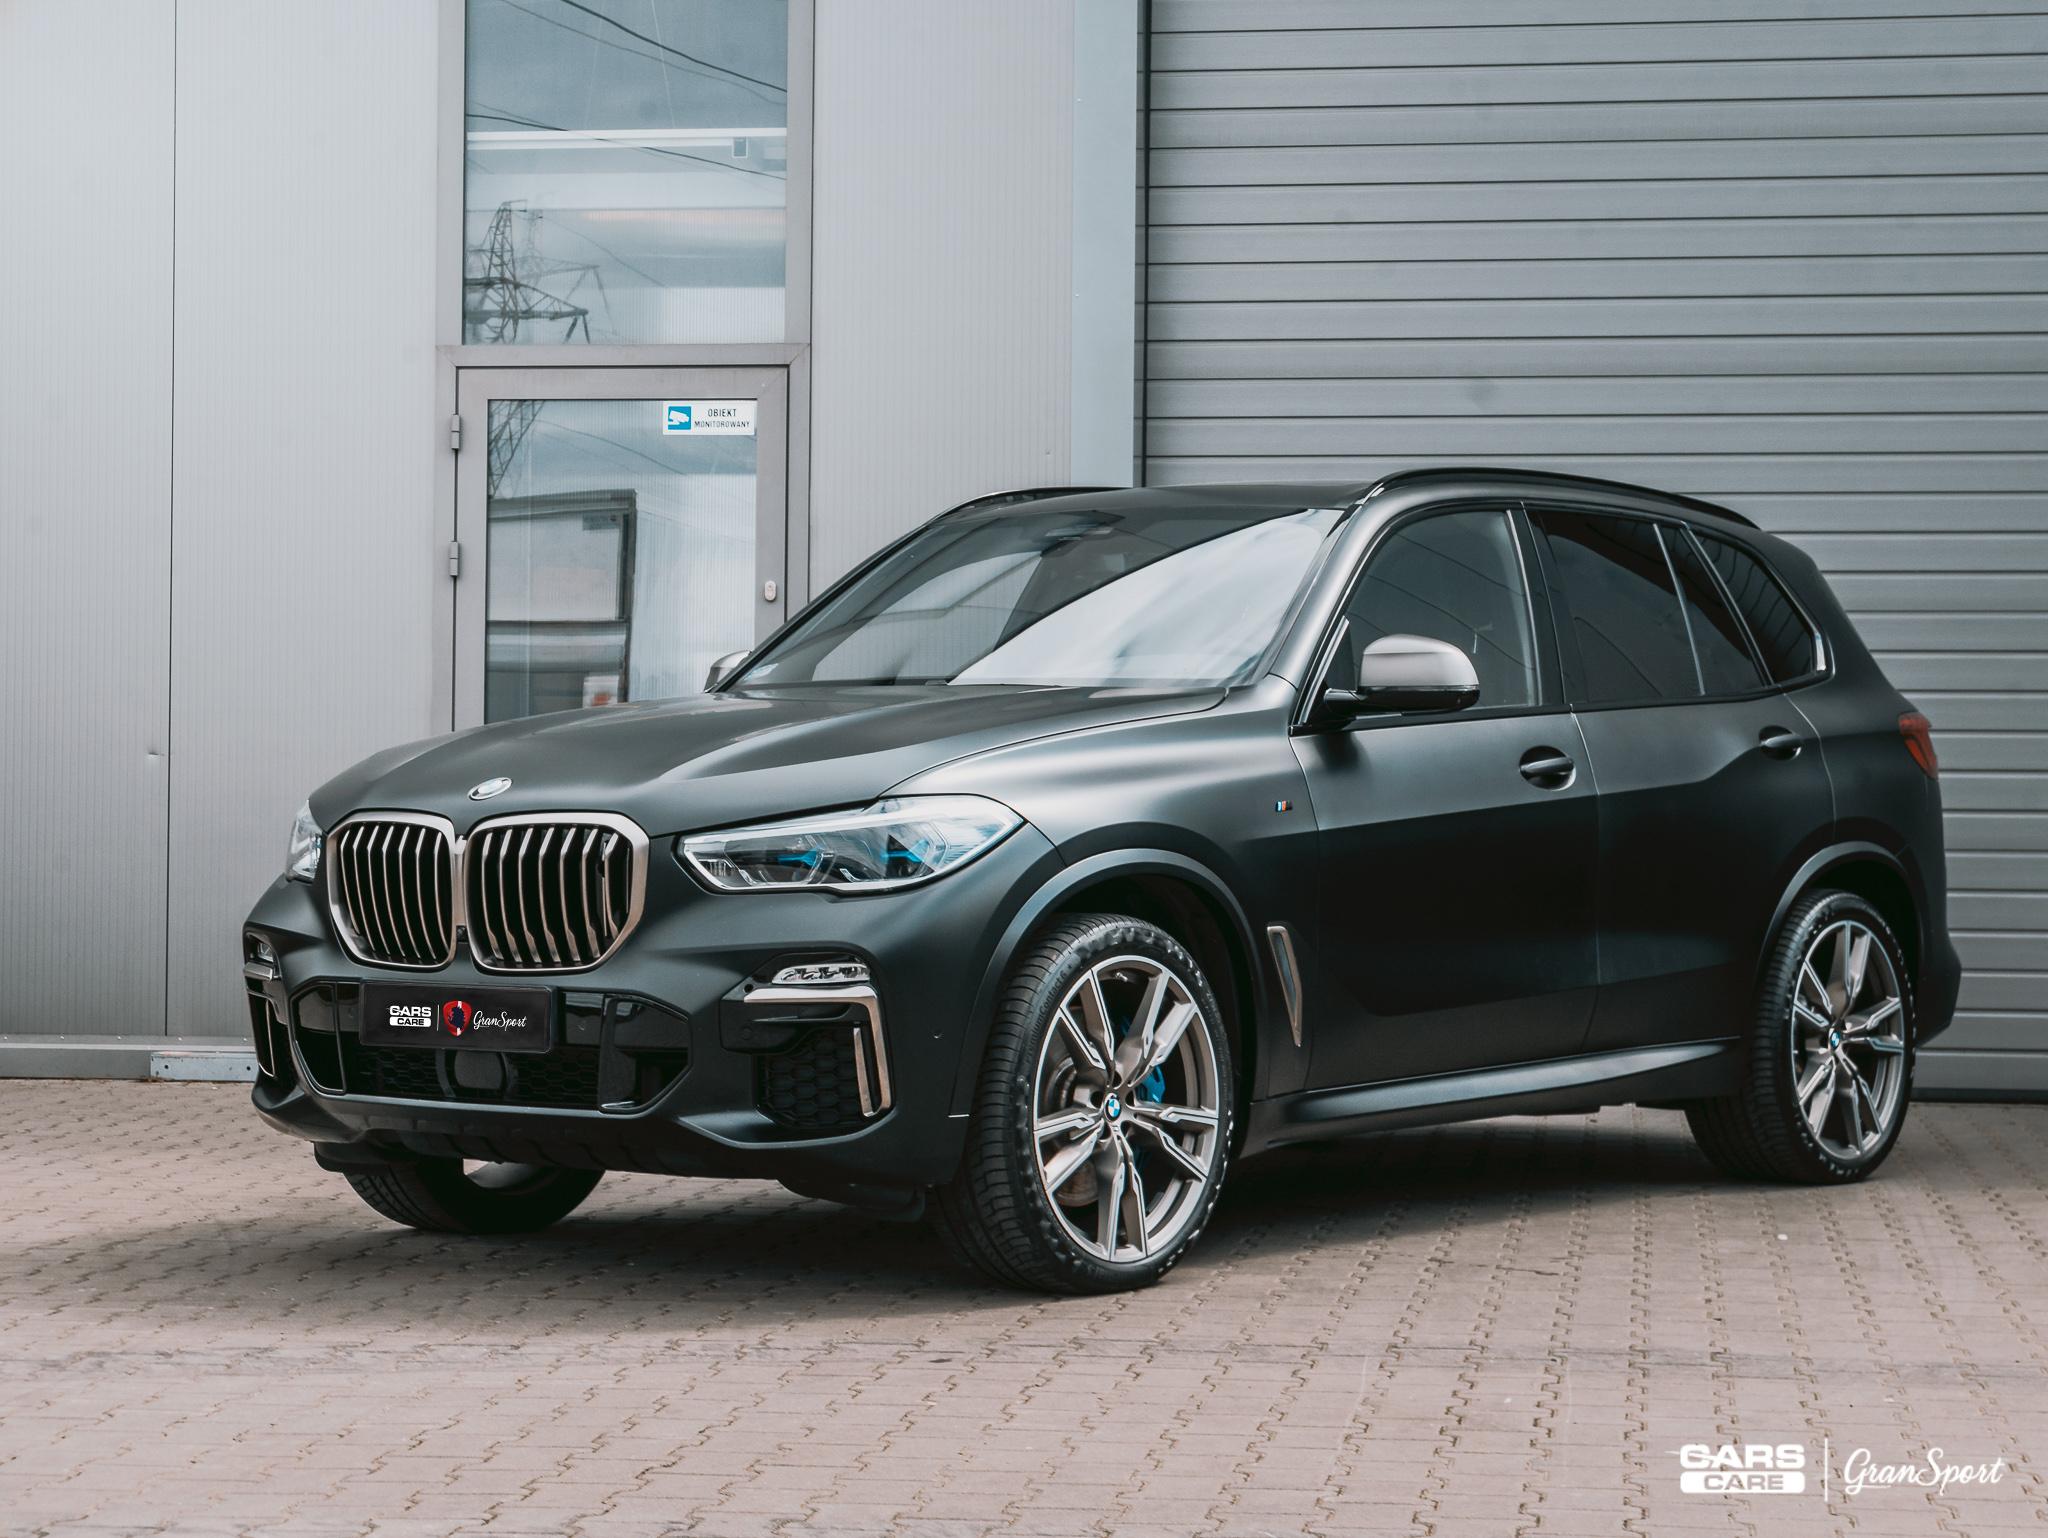 BMW X5 M50d - autodetailing - carscare.pl